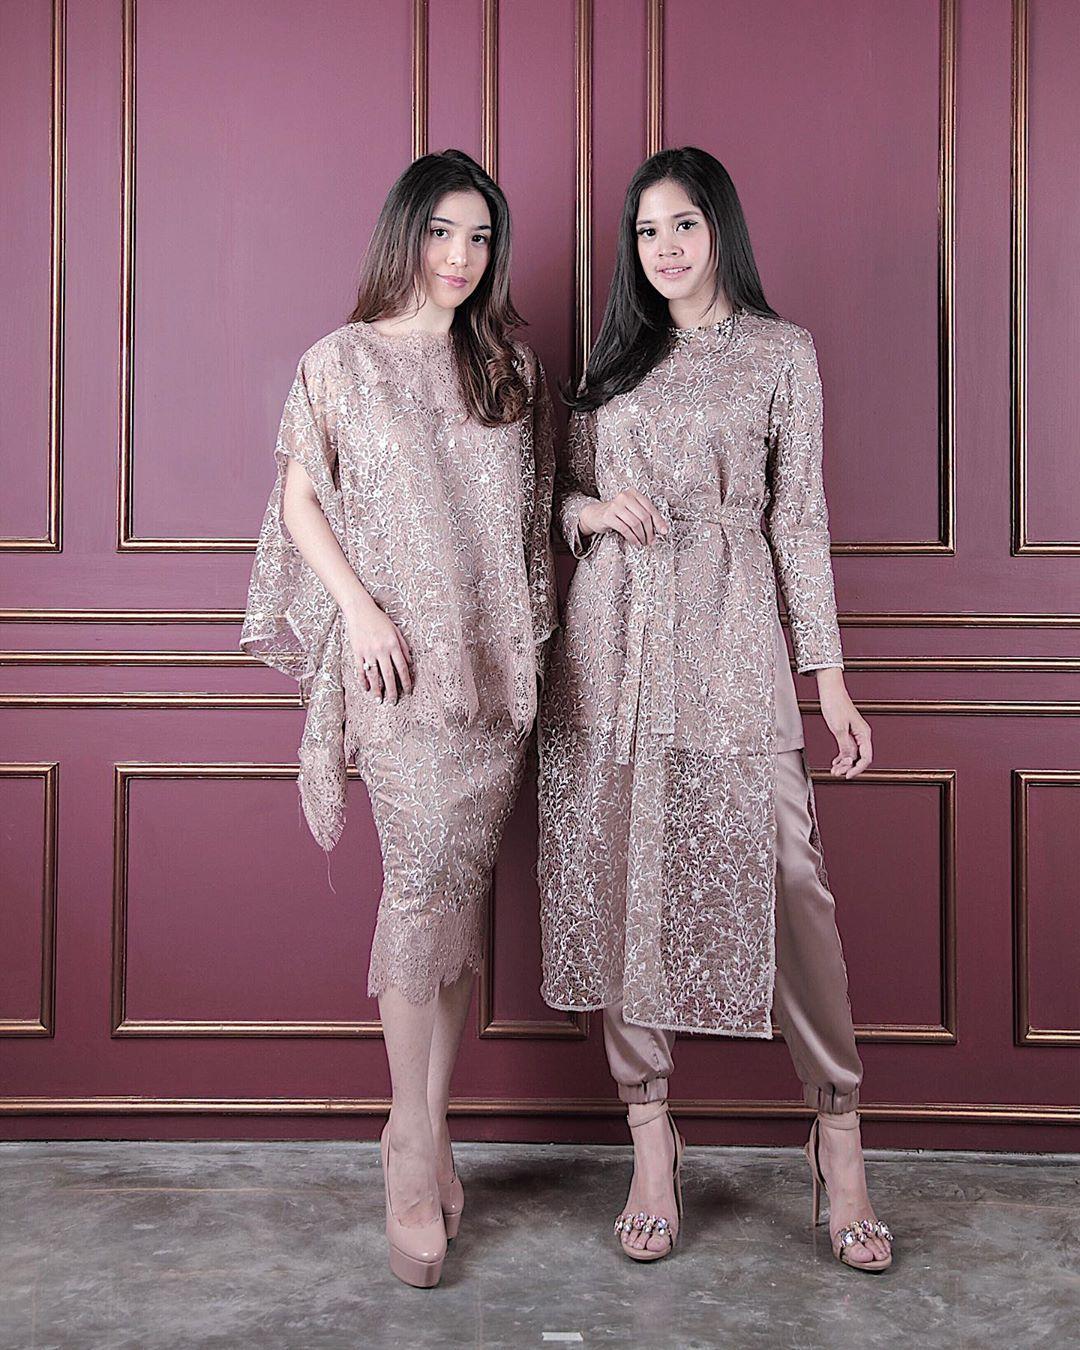 Official Account Di Instagram Light Brown Right Amar Price 1 050k Left Riyyu Price 1 075k Pakaian Pesta Model Pakaian Wanita Model Baju Wanita